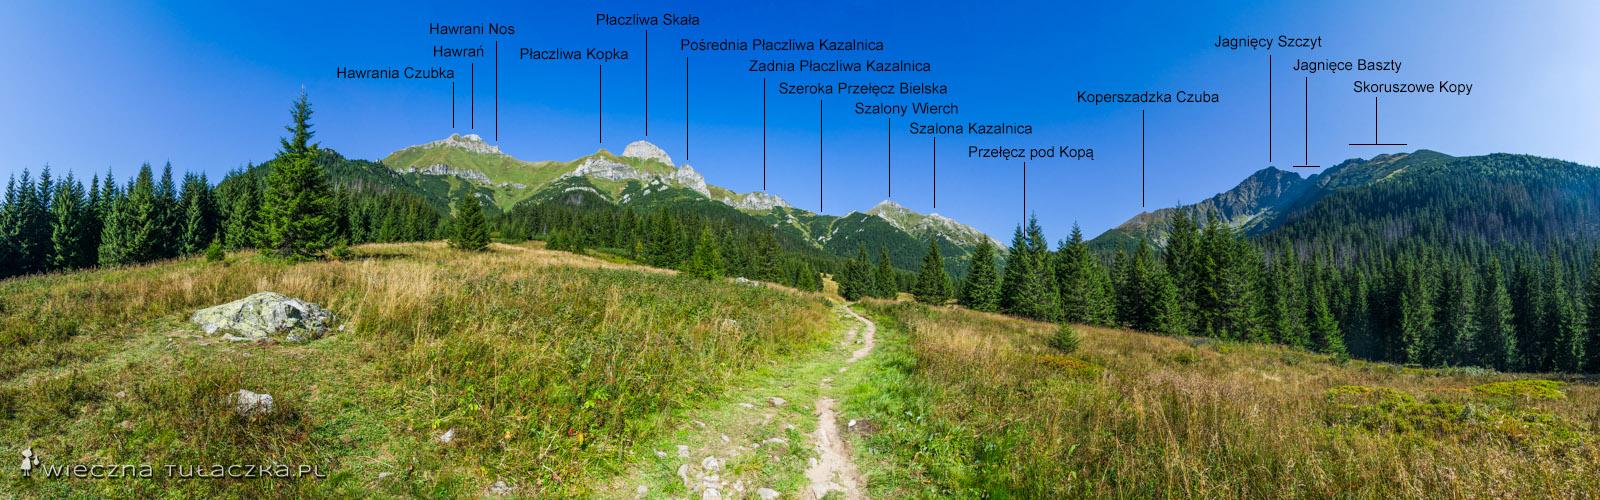 Dolina Zadnich Koperszadów, Tatry Bielskie